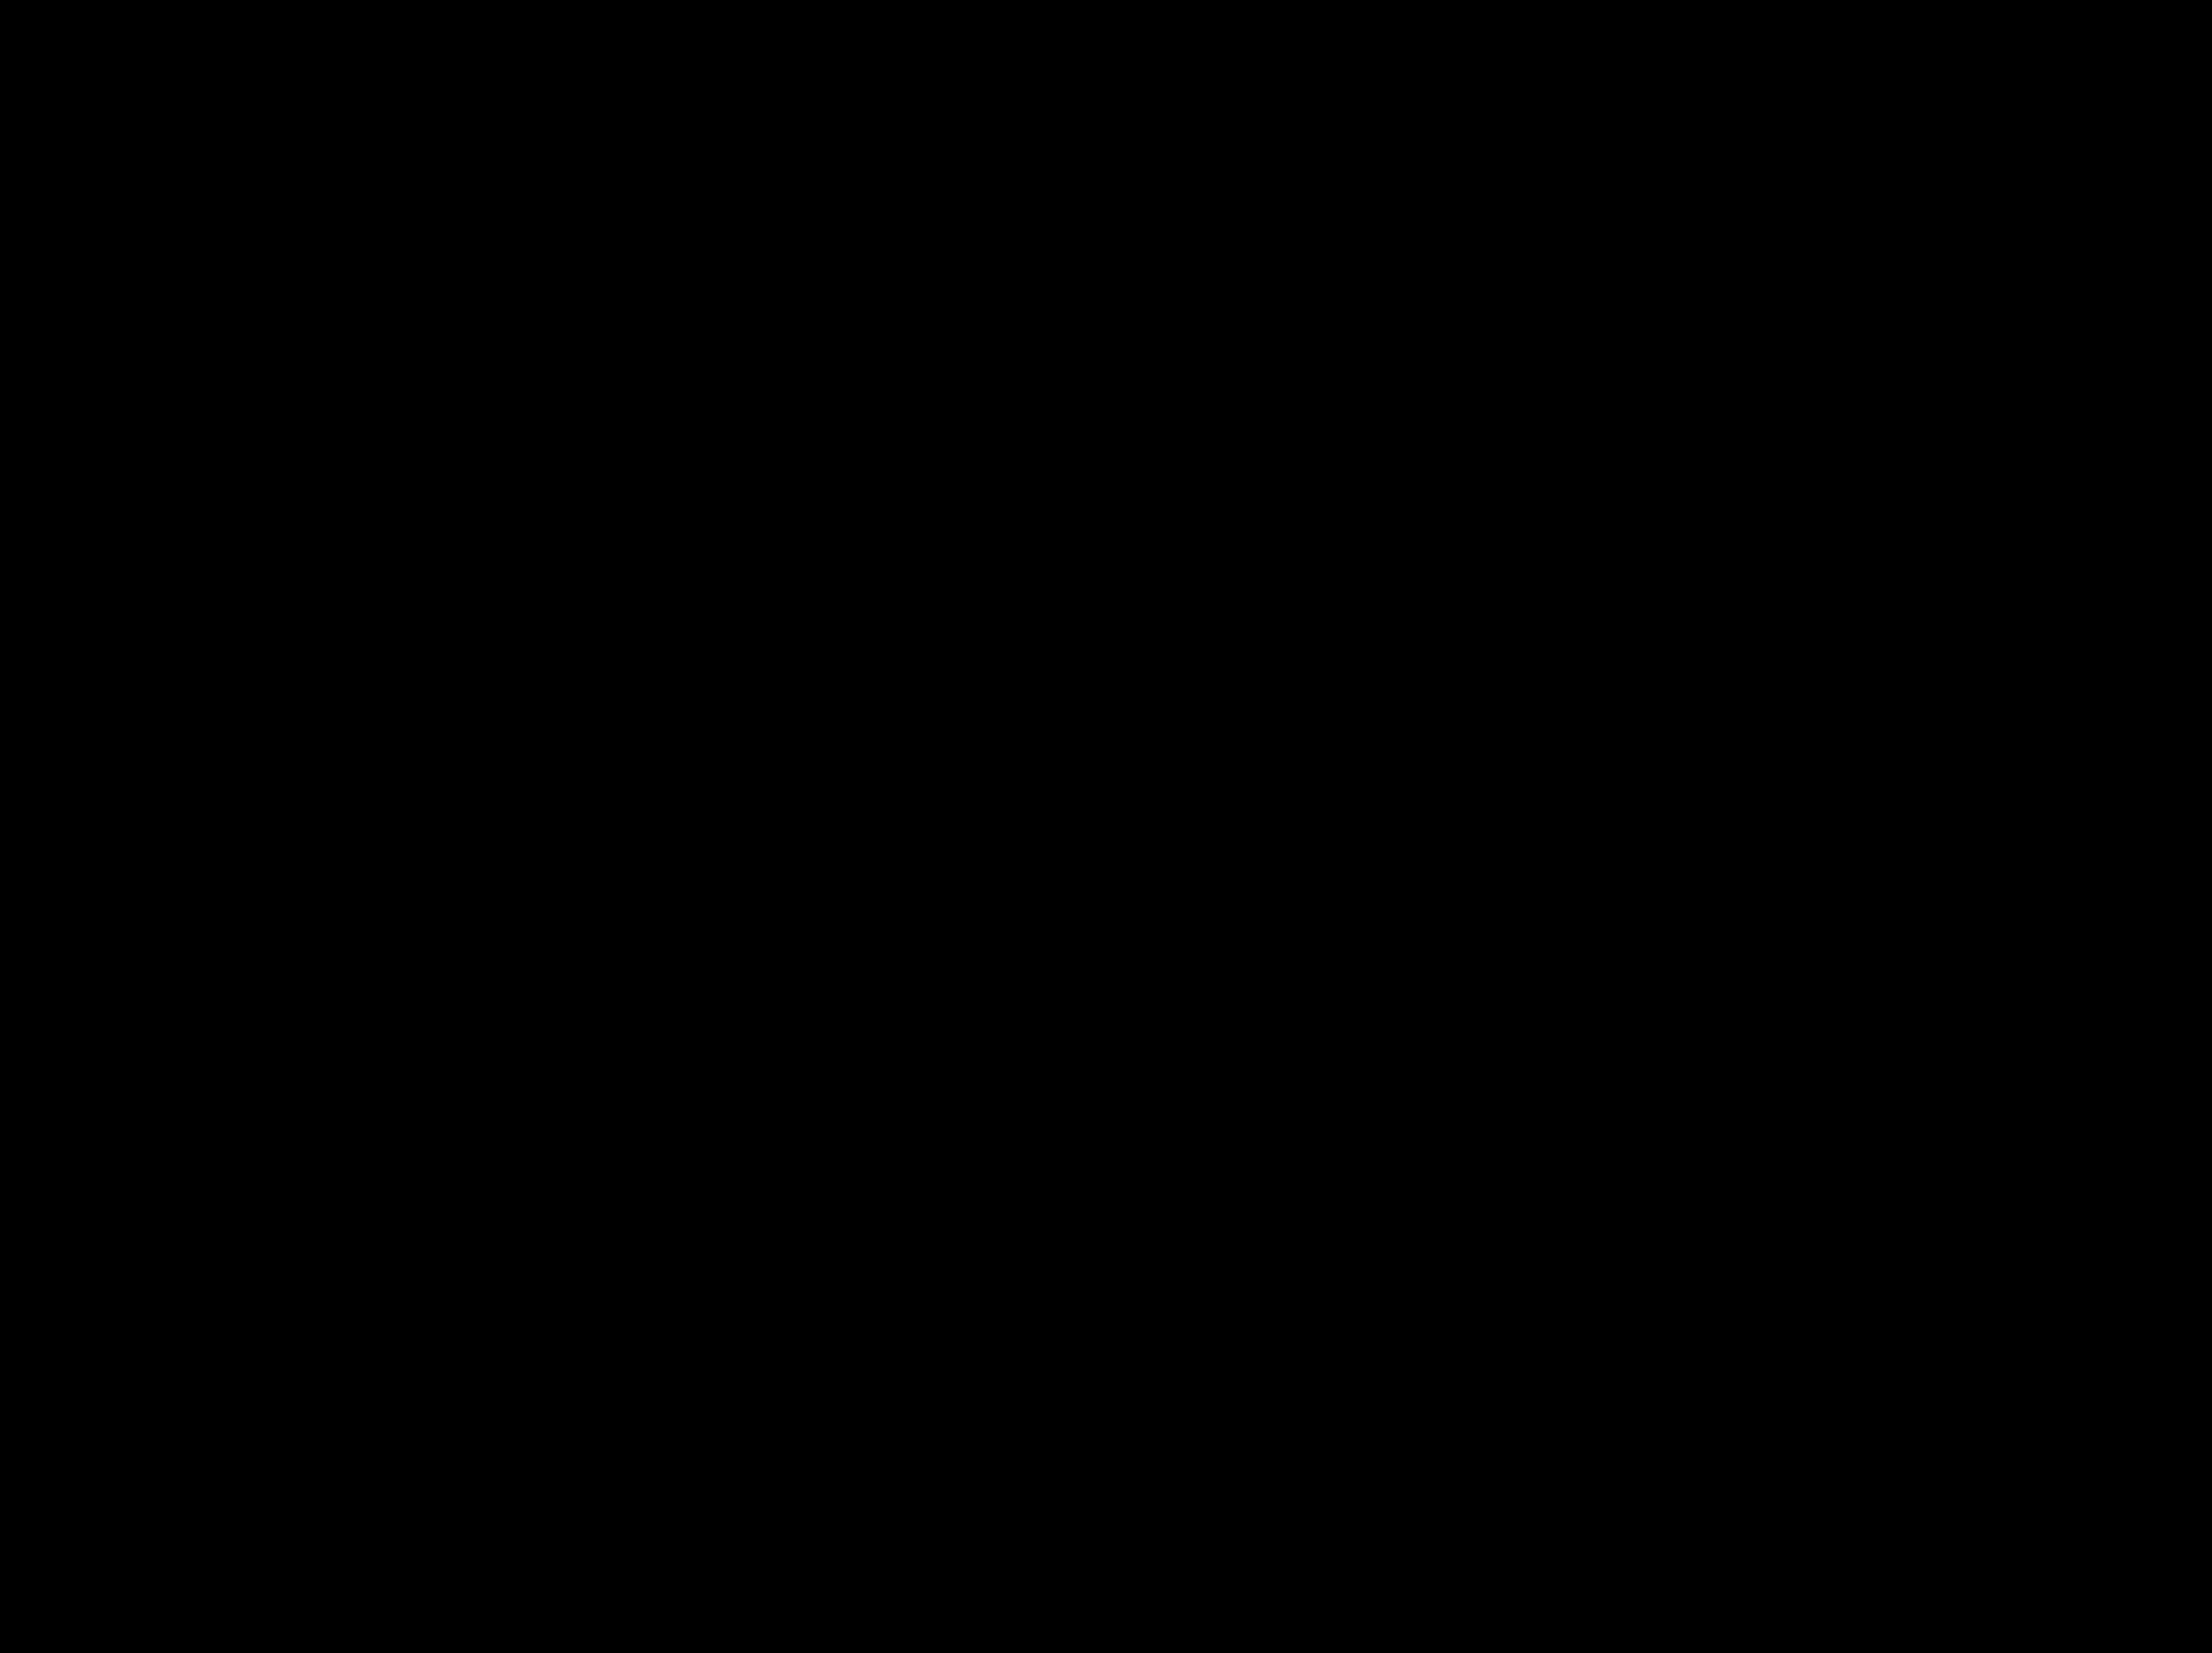 Gestural space 3, Oils